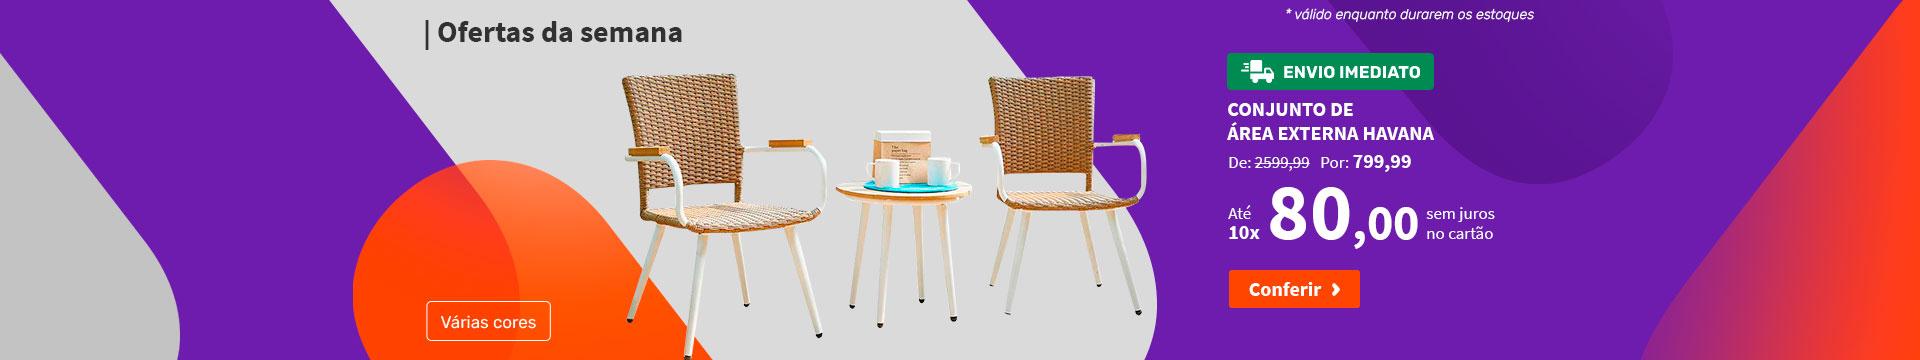 Conjunto de Mesa com 4 Cadeiras Monique - Ofertas da semana